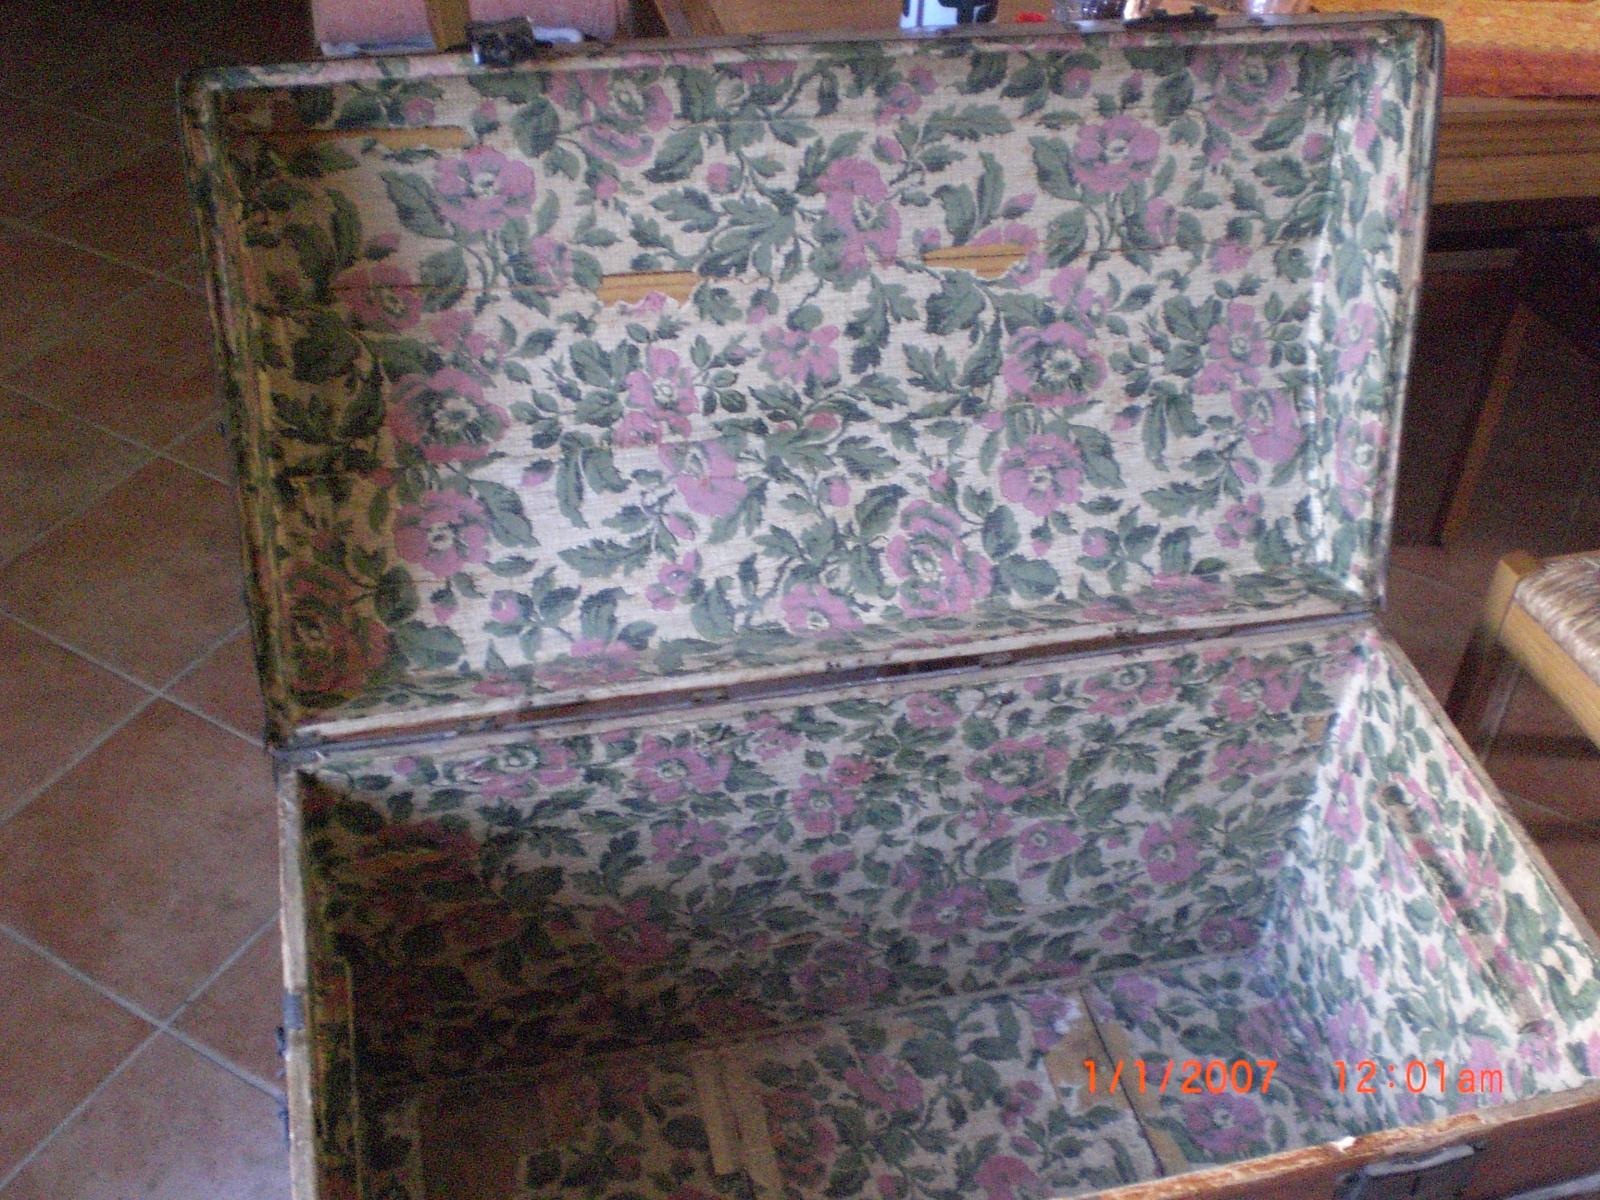 les id es d eco selon francab r novation d 39 une malle ancienne. Black Bedroom Furniture Sets. Home Design Ideas